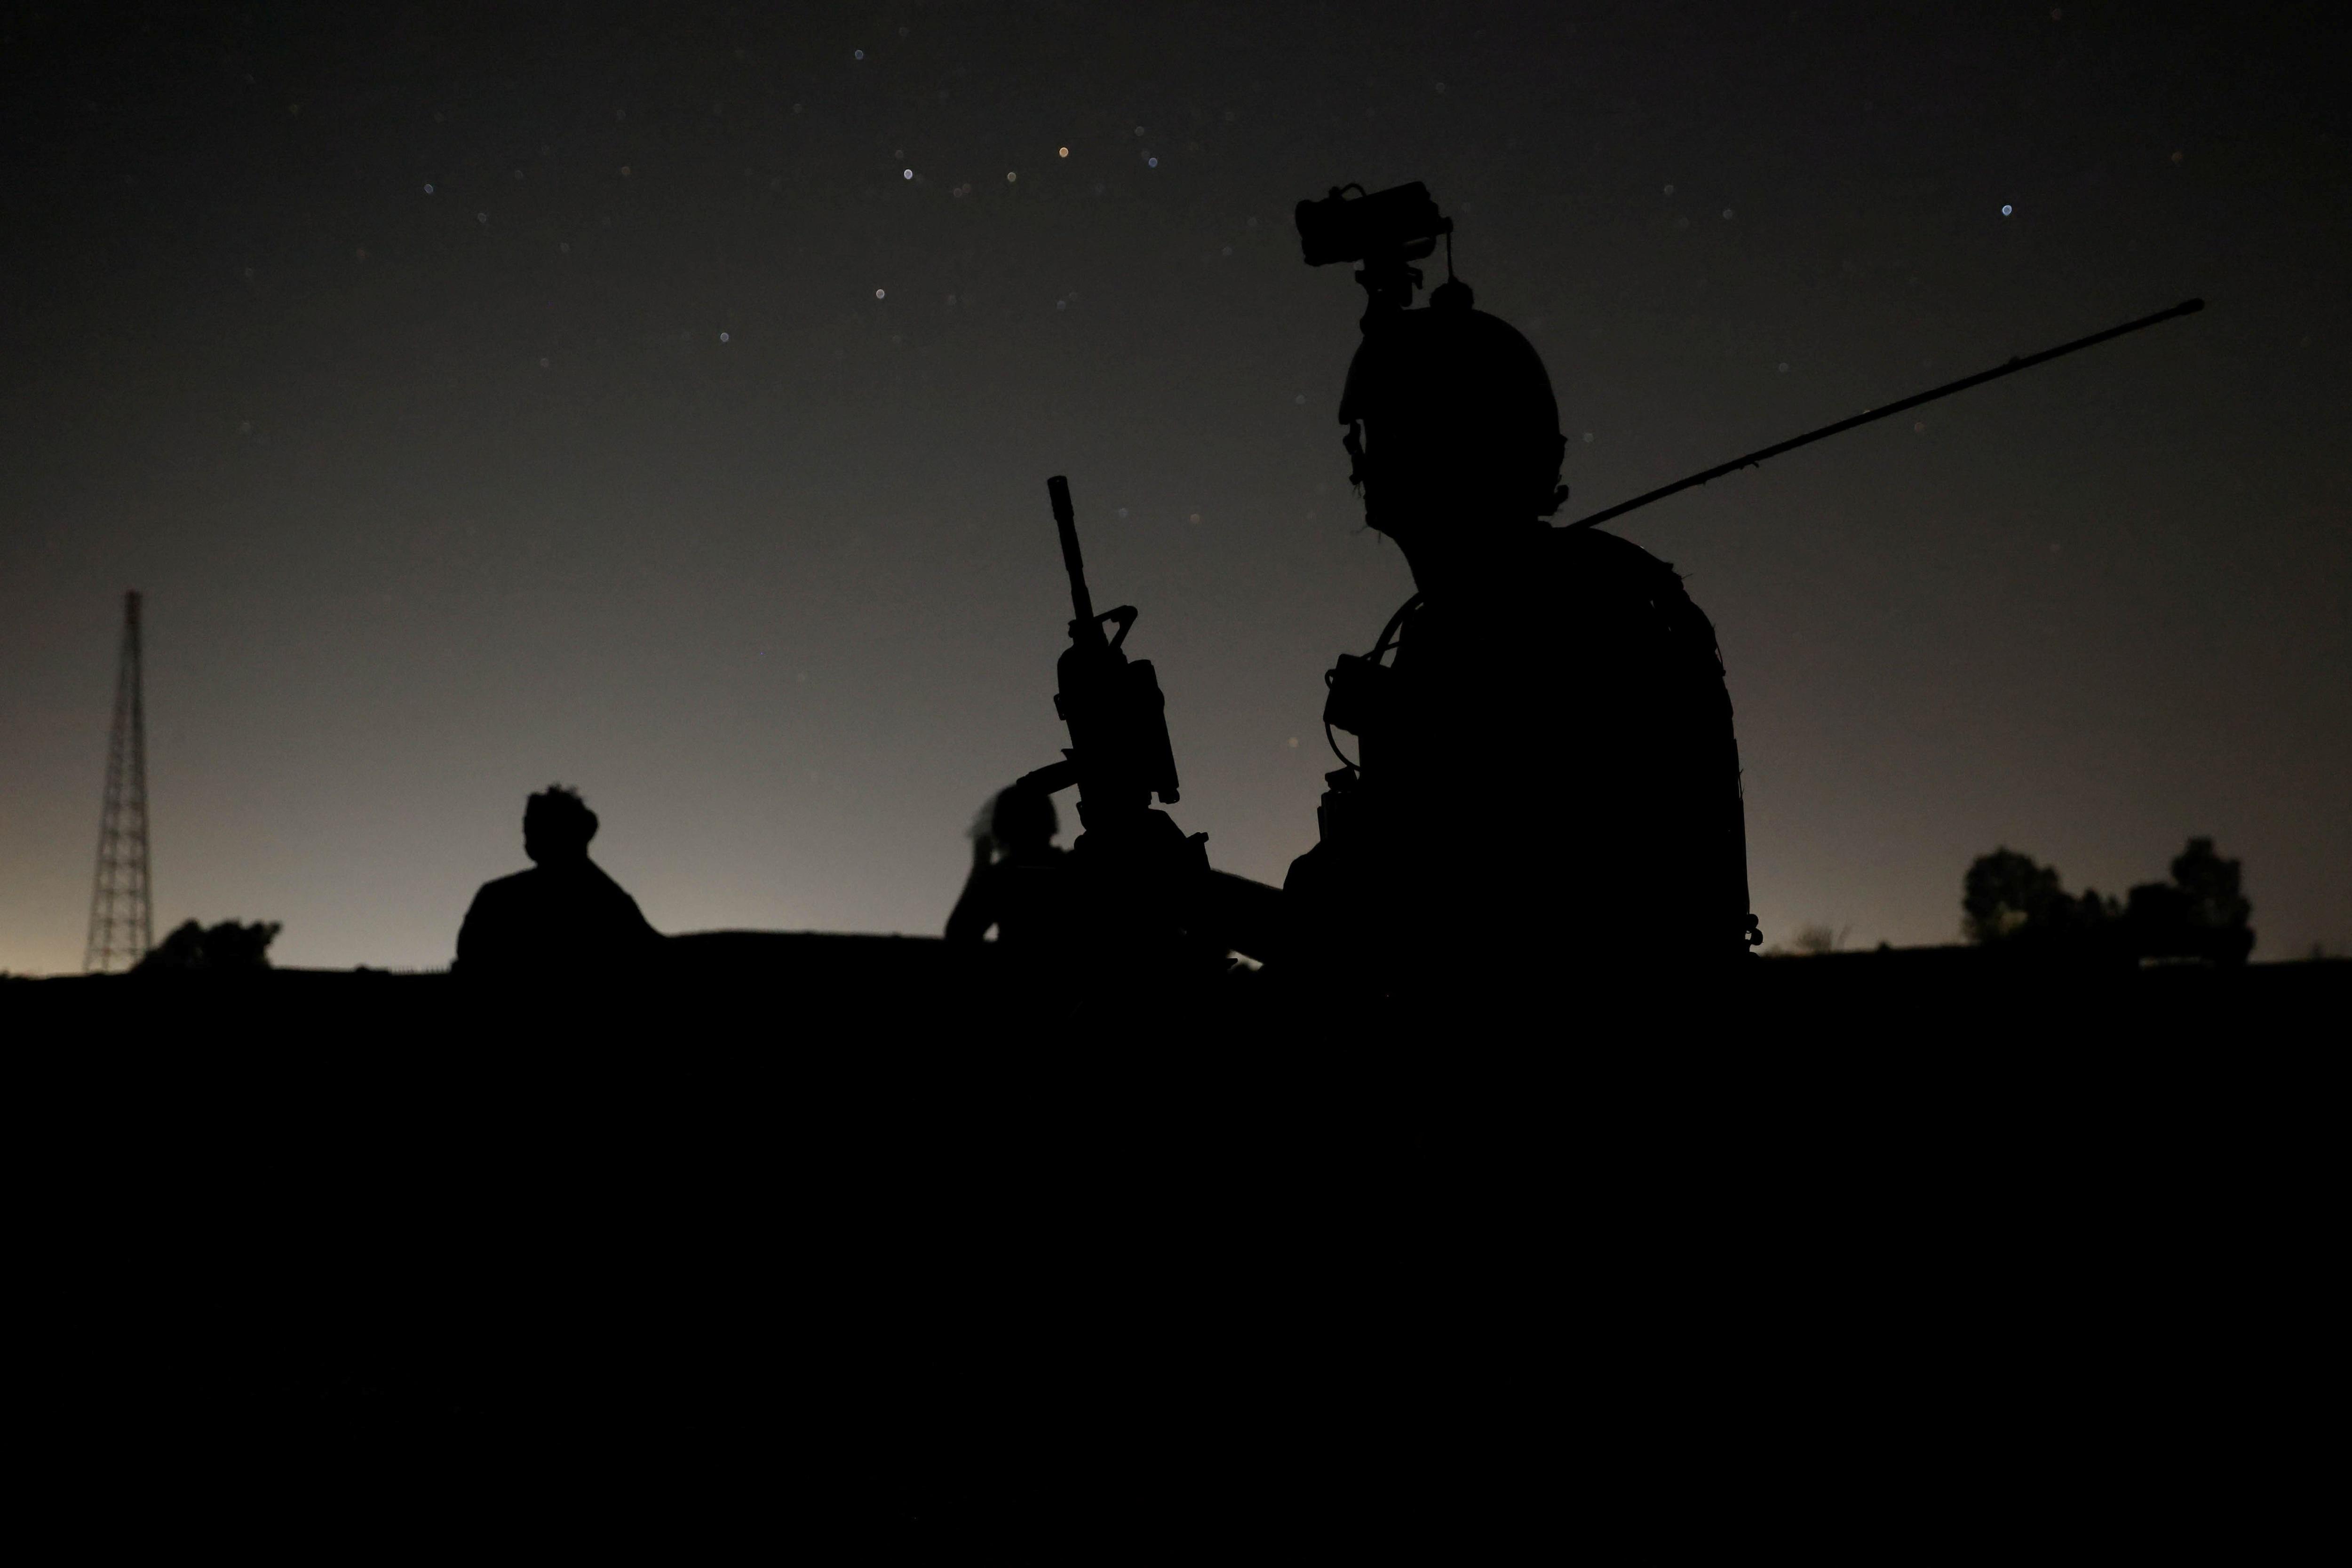 Miembros de las fuerzas especiales afganas vigilan mientras otros registran casas en un pueblo durante una misión de combate contra los talibanes, en la provincia de Kandahar, Afganistán, el 12 de julio de 2021. Foto tomada el 12 de julio de 2021.